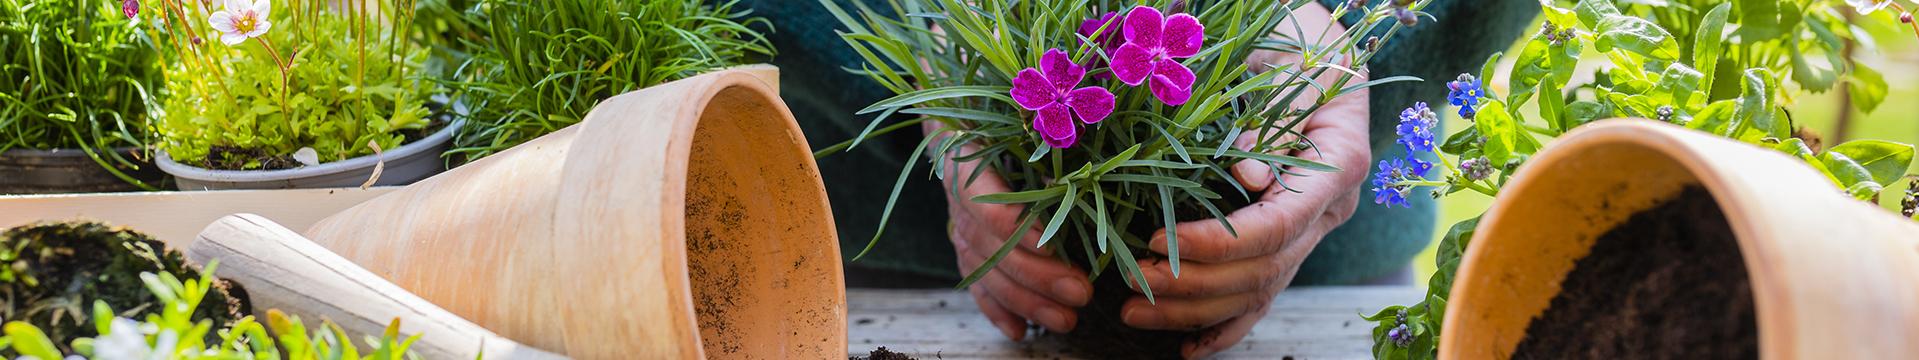 Vasos, Sementes e Tratamento